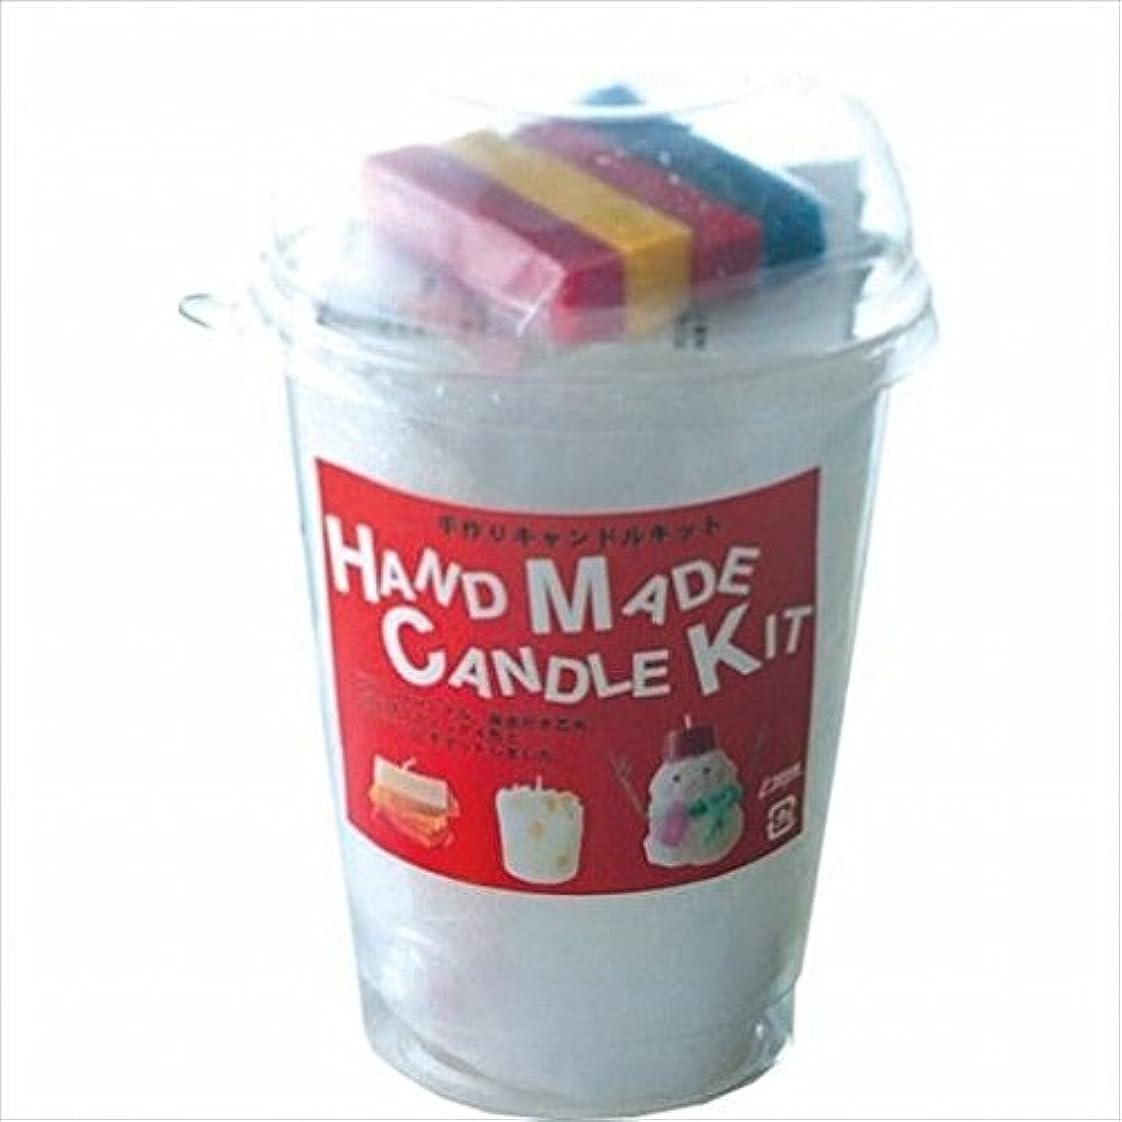 工業化する効果幸福kameyama candle(カメヤマキャンドル) 手作りキャンドルキット(A1030000)